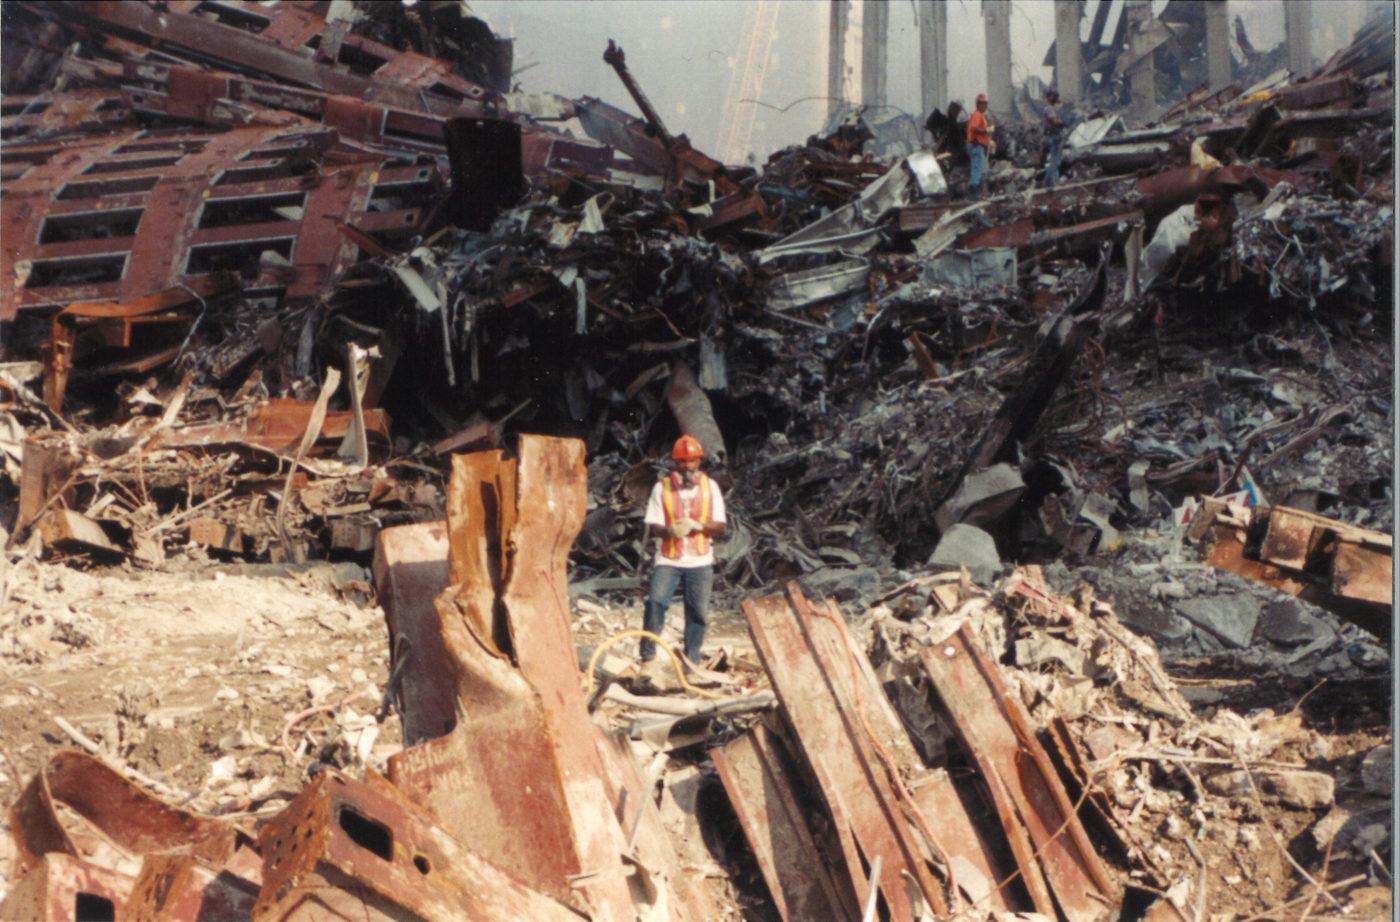 Unknown Worker Standing in Debis at Ground Zero